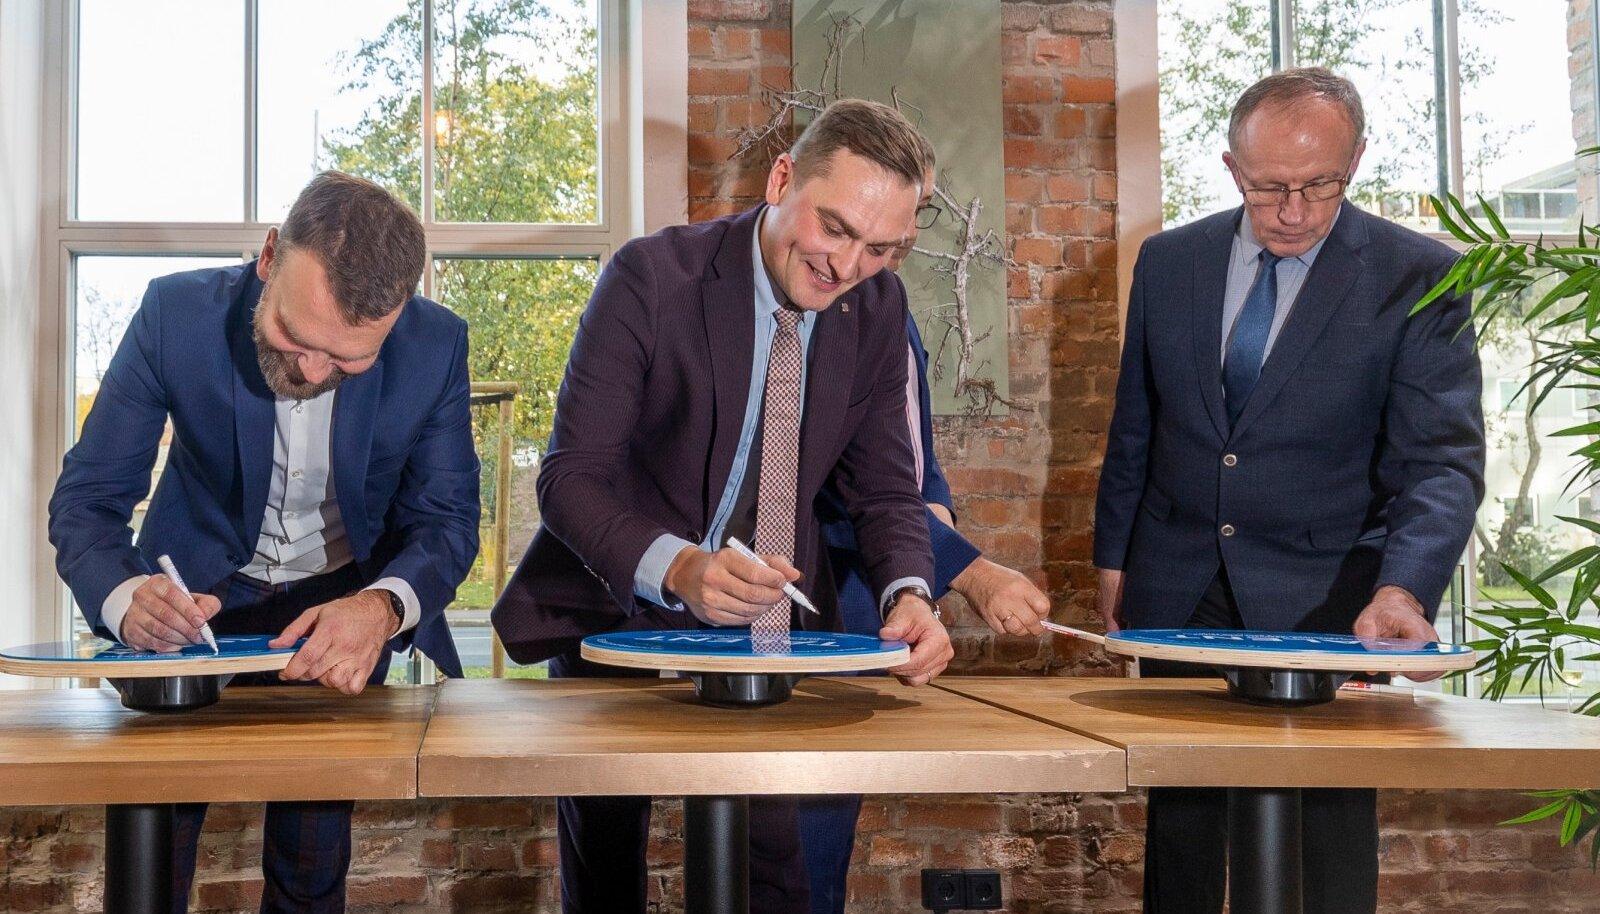 Tervisearendamise programmi memorandumi allkirjastamine.